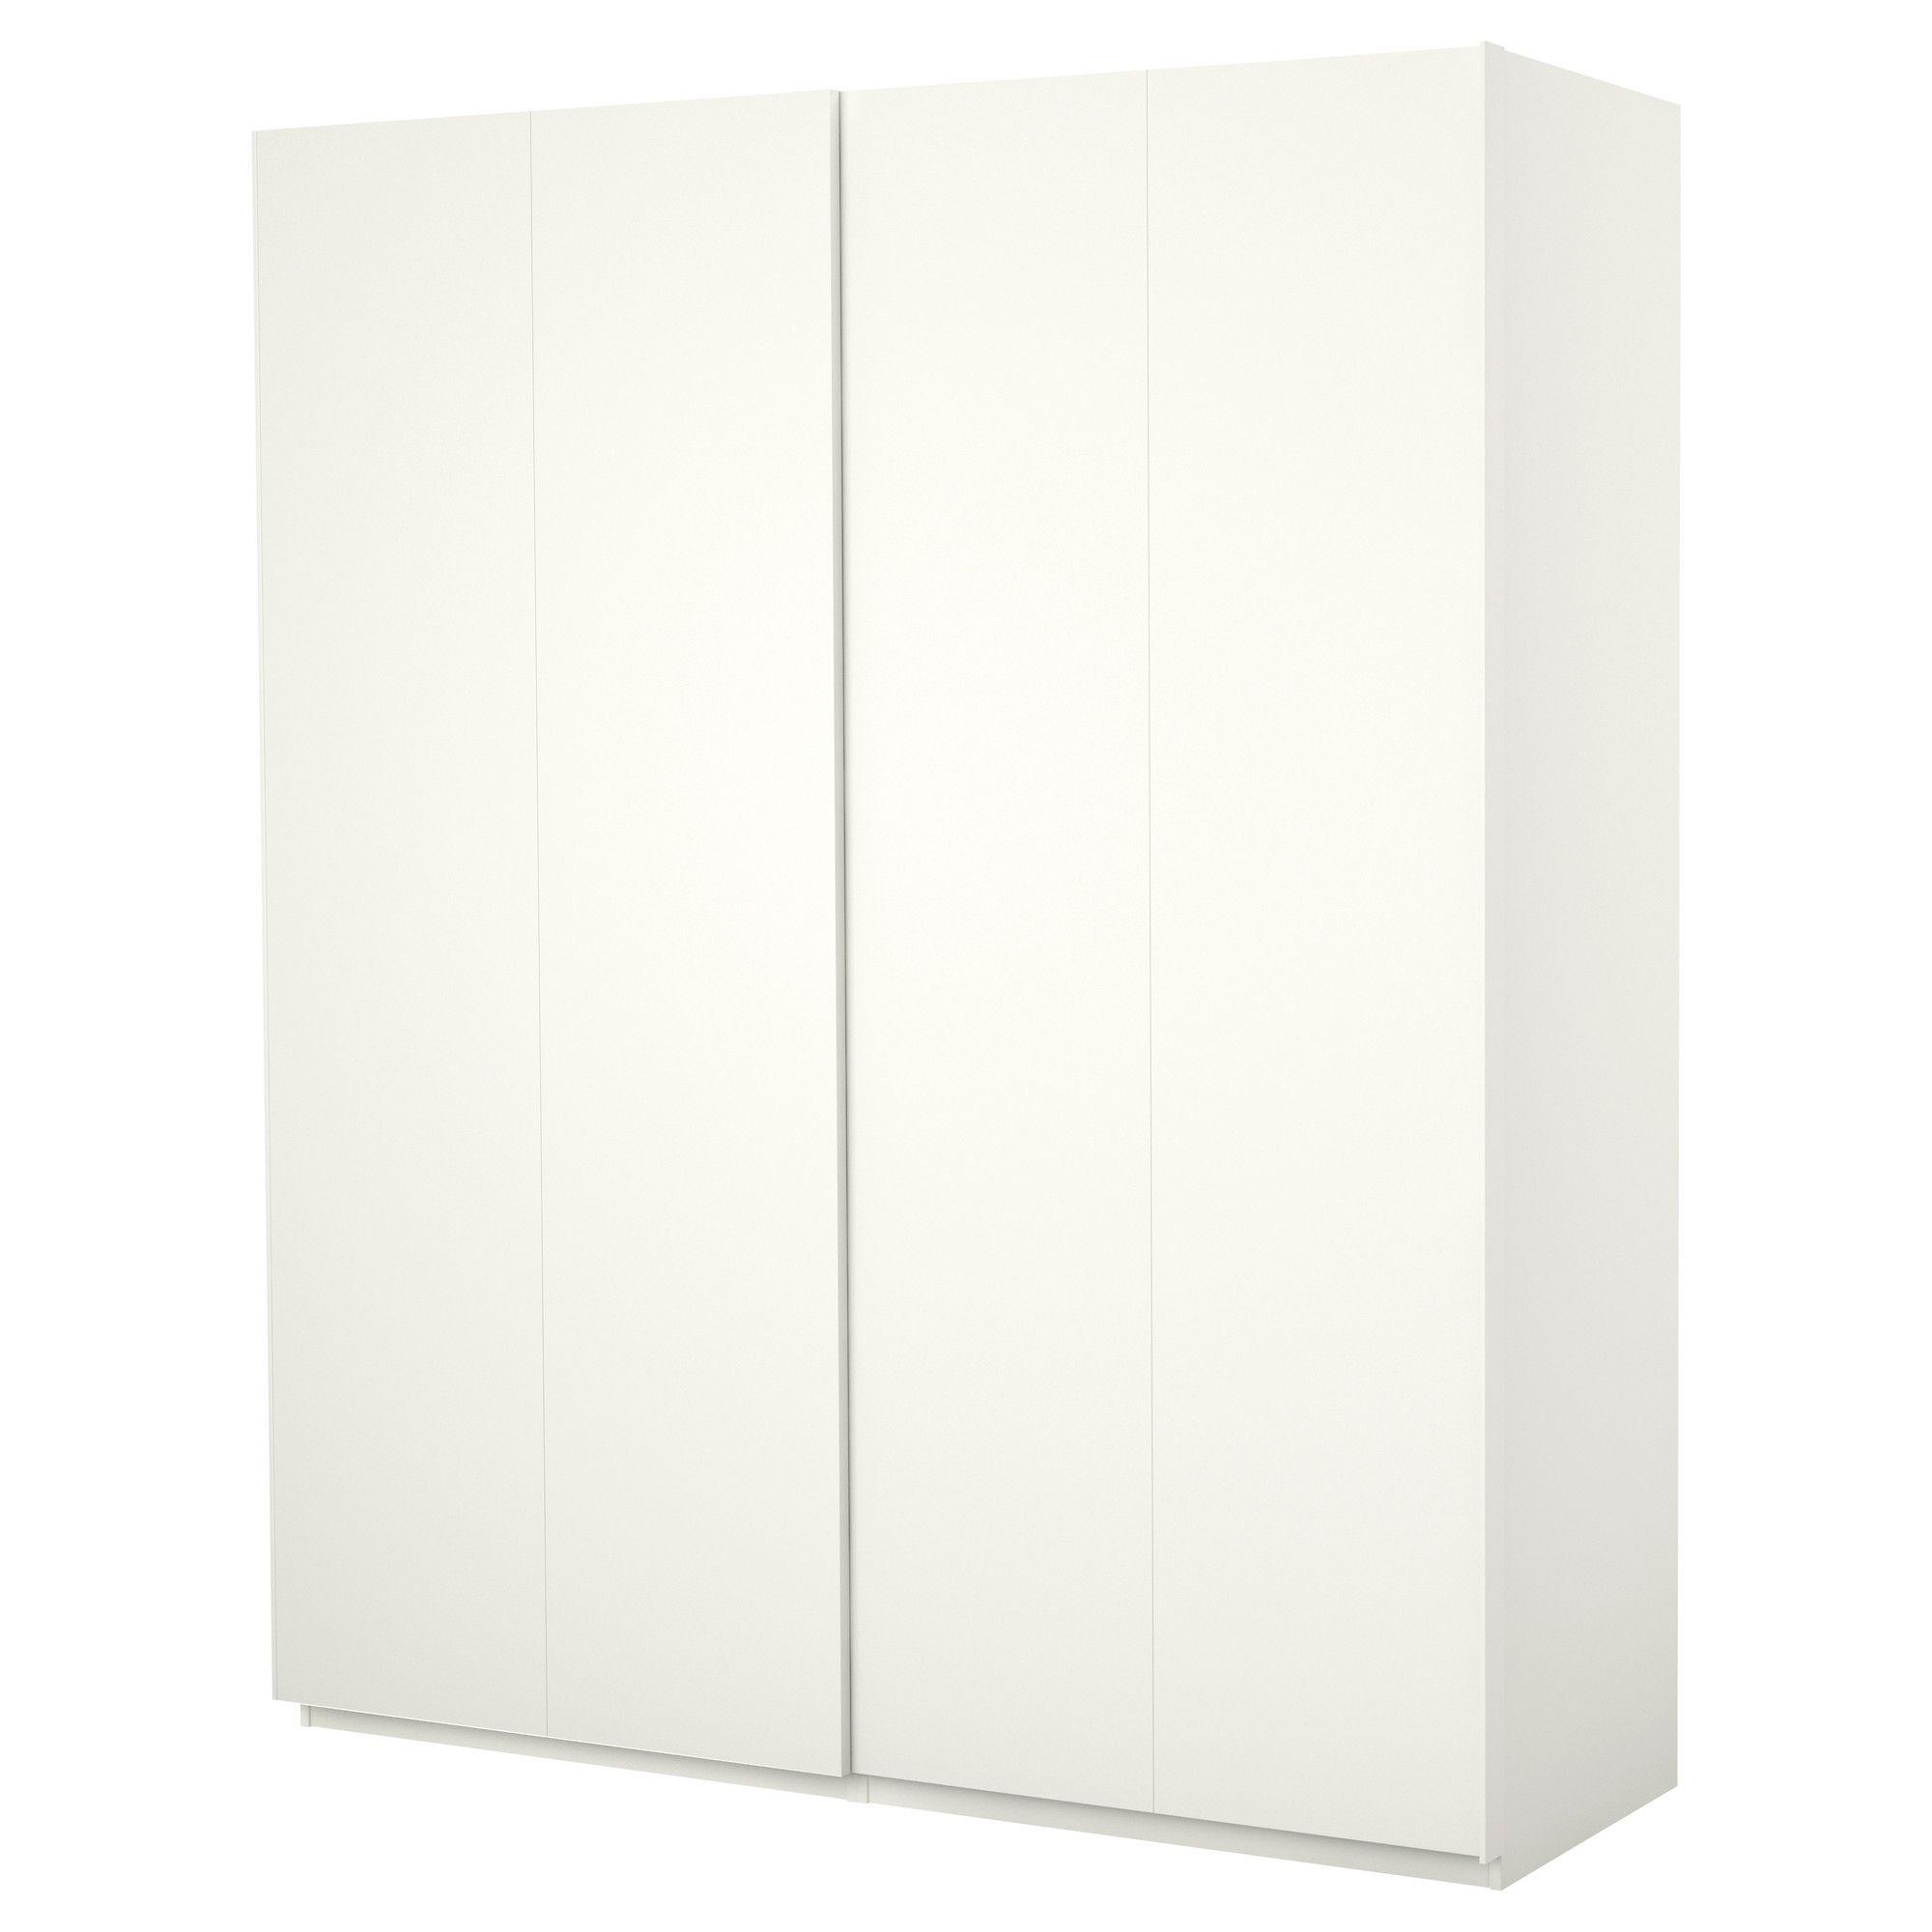 Pax armario con puertas correderas blanco hasvik blanco for Armario pax ikea puertas correderas